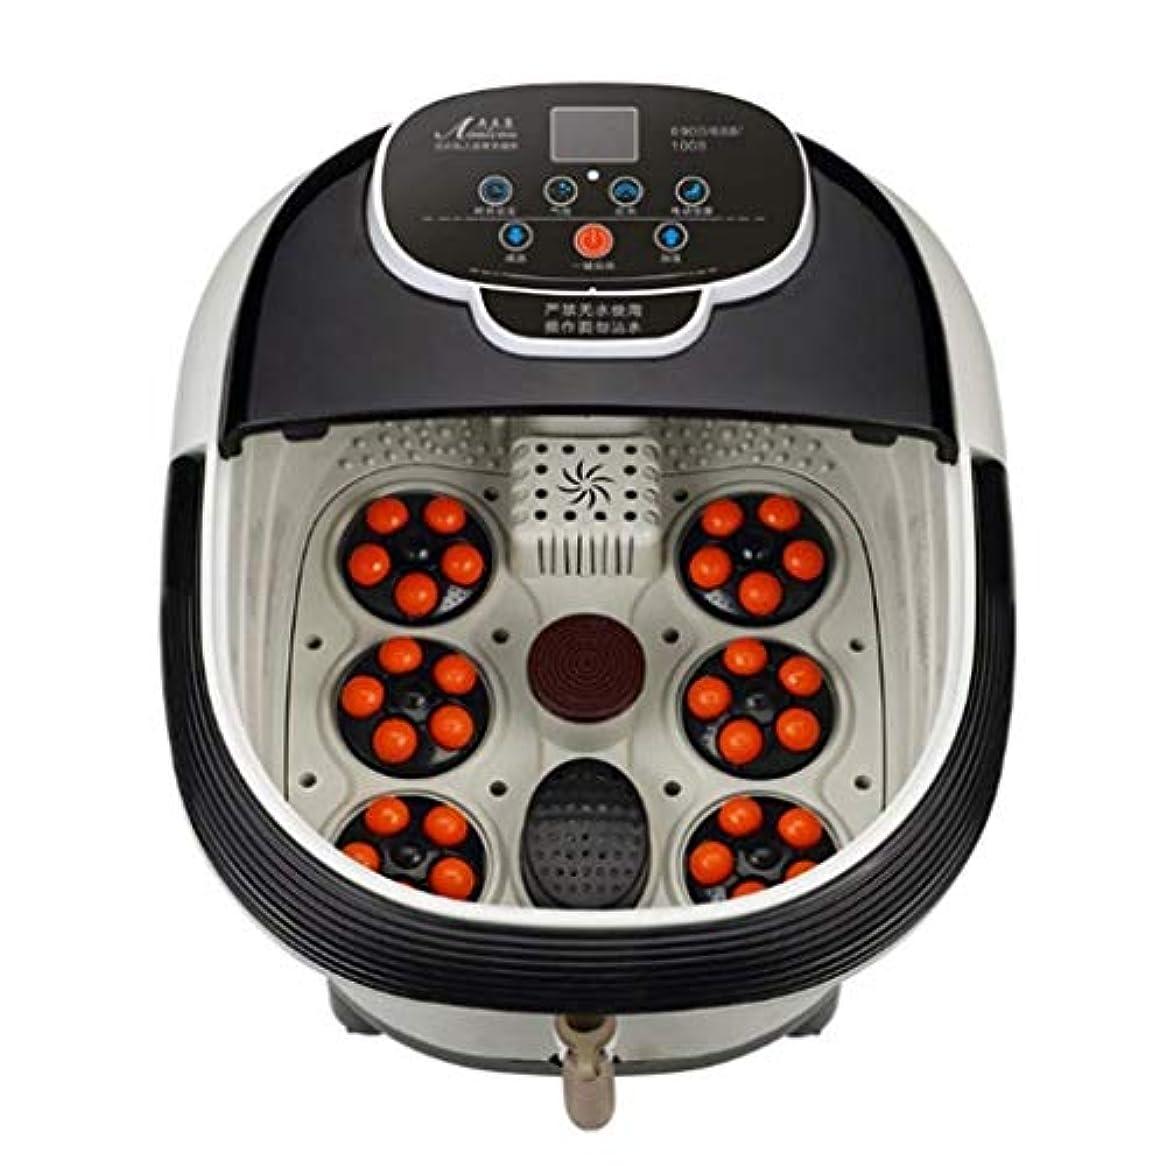 倍率無視するロードされた電動フットマッサージベイスン、フットバスバレル、フットバススパマッサージャー、痛みの緩和/睡眠の促進、ホームオフィスでの使用